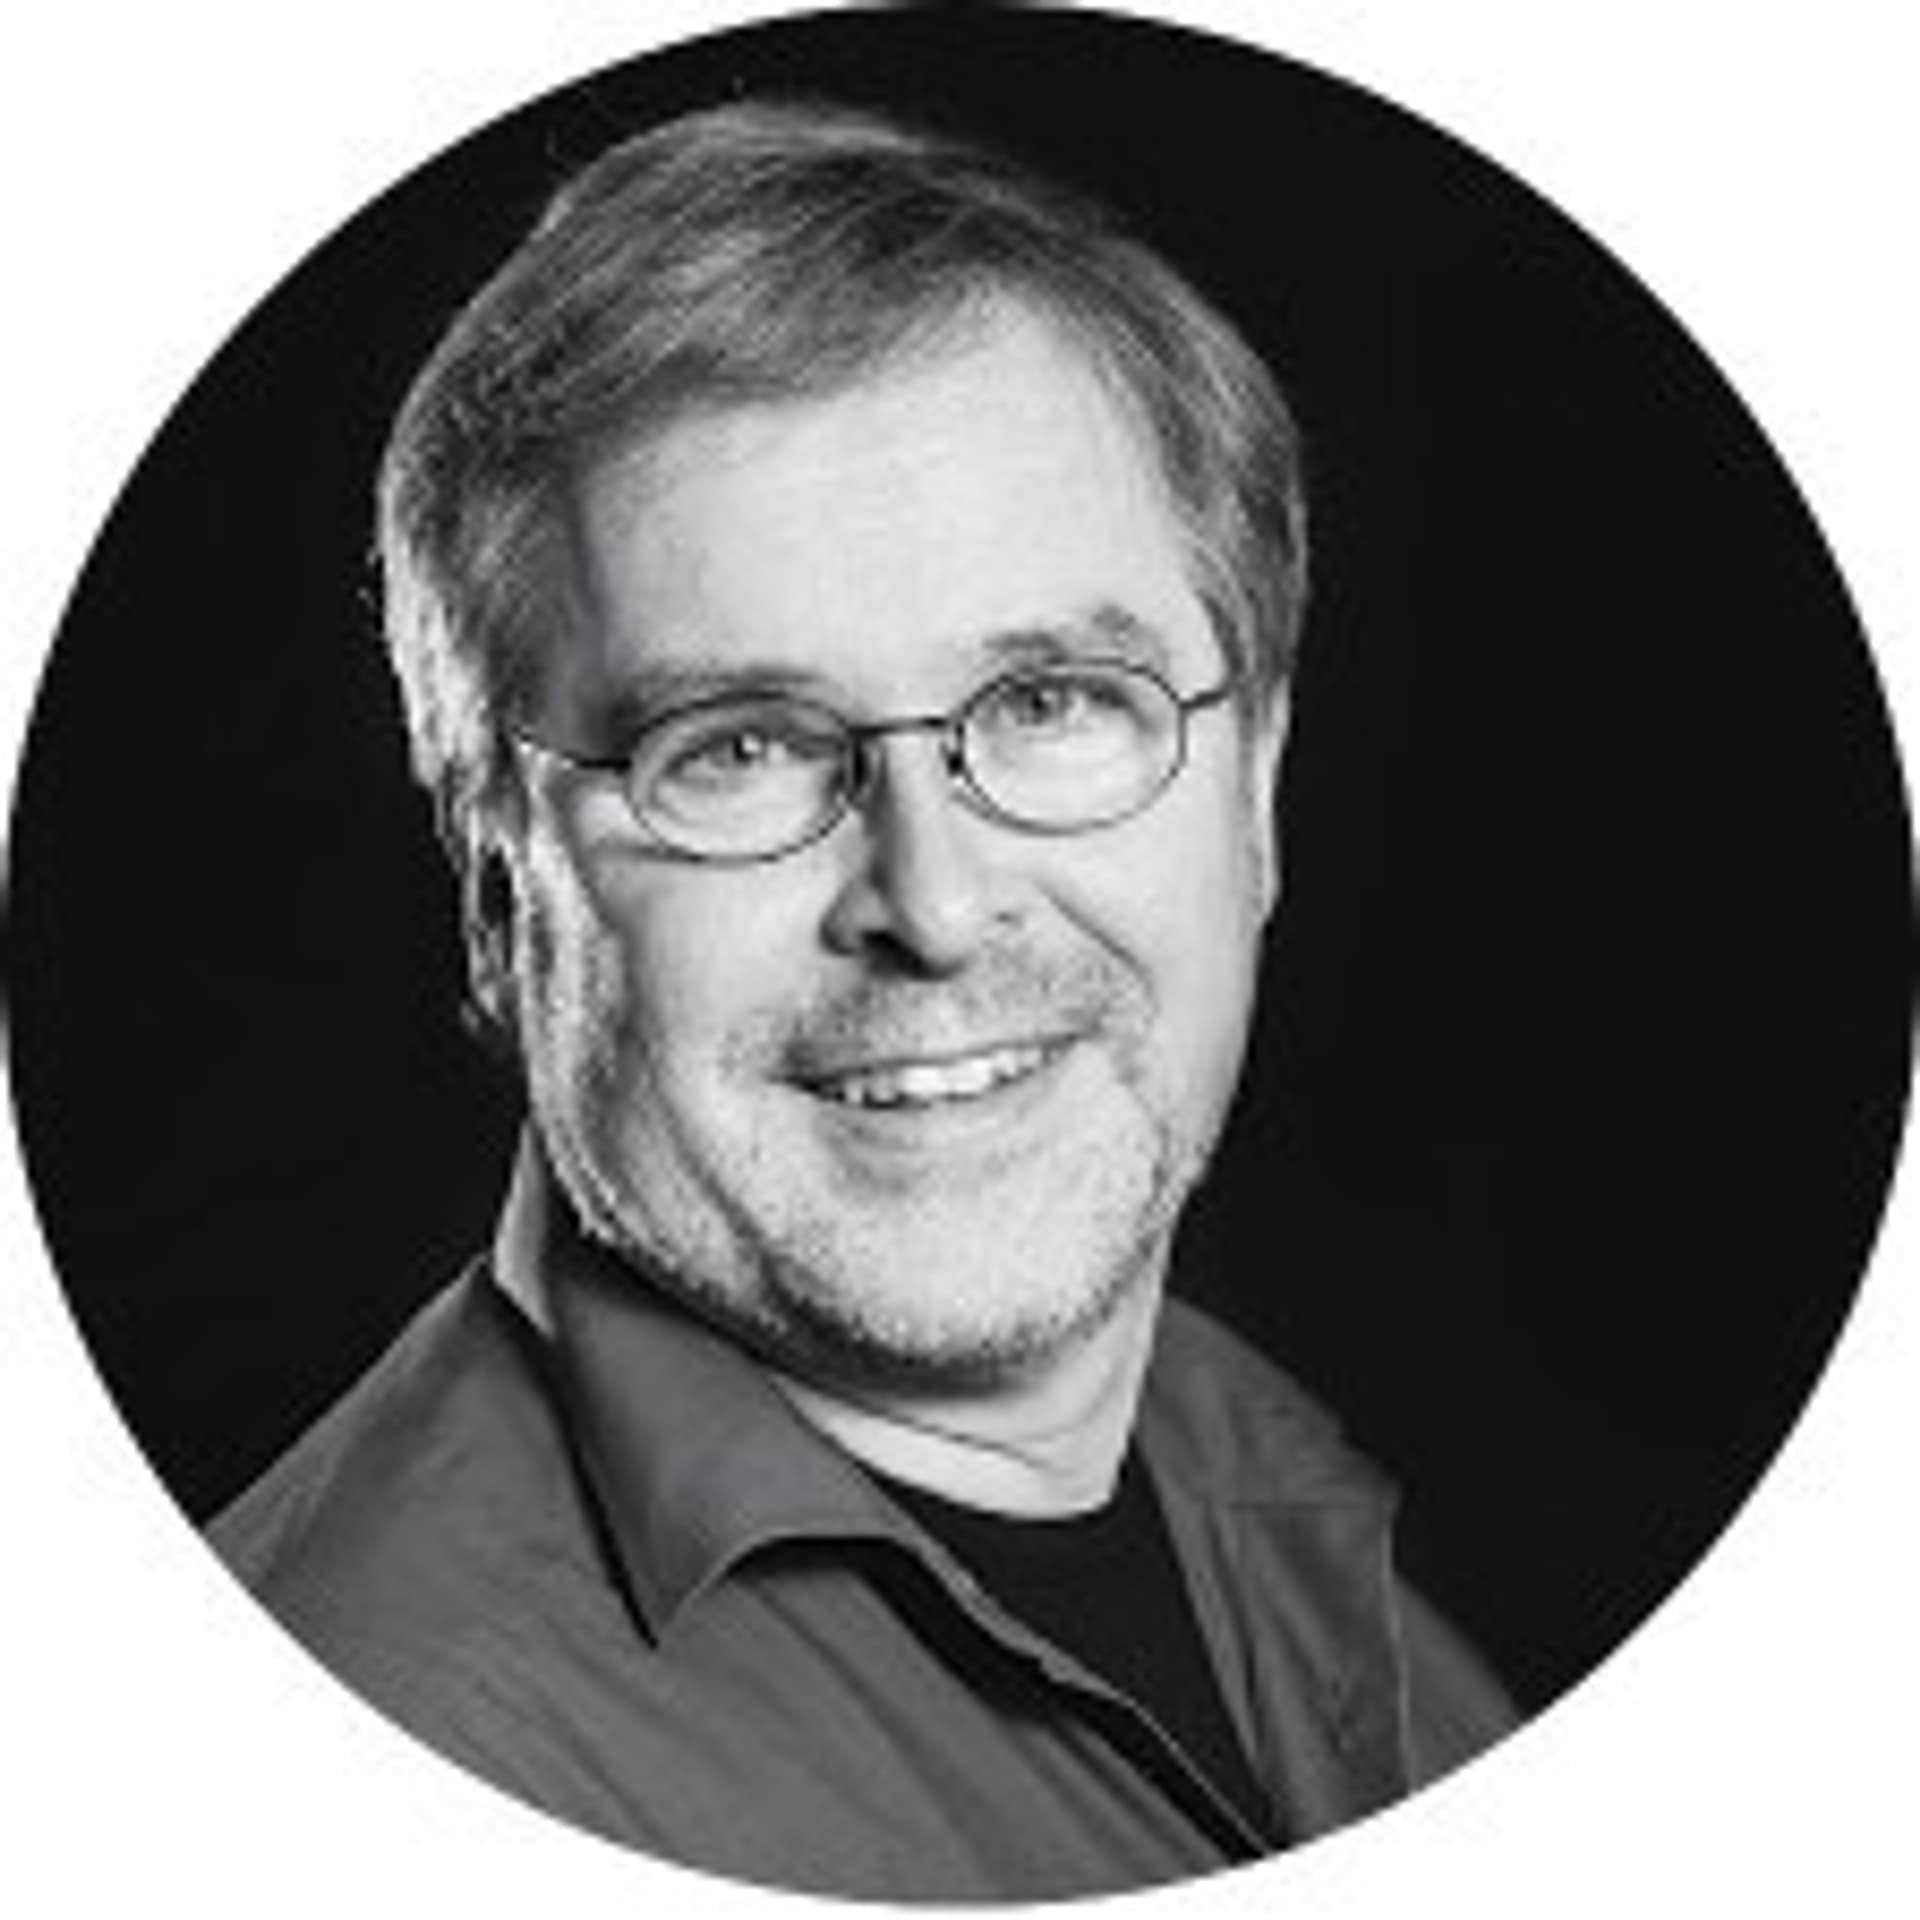 Schwarz-weiß Porträt von Professor Thomas Simat